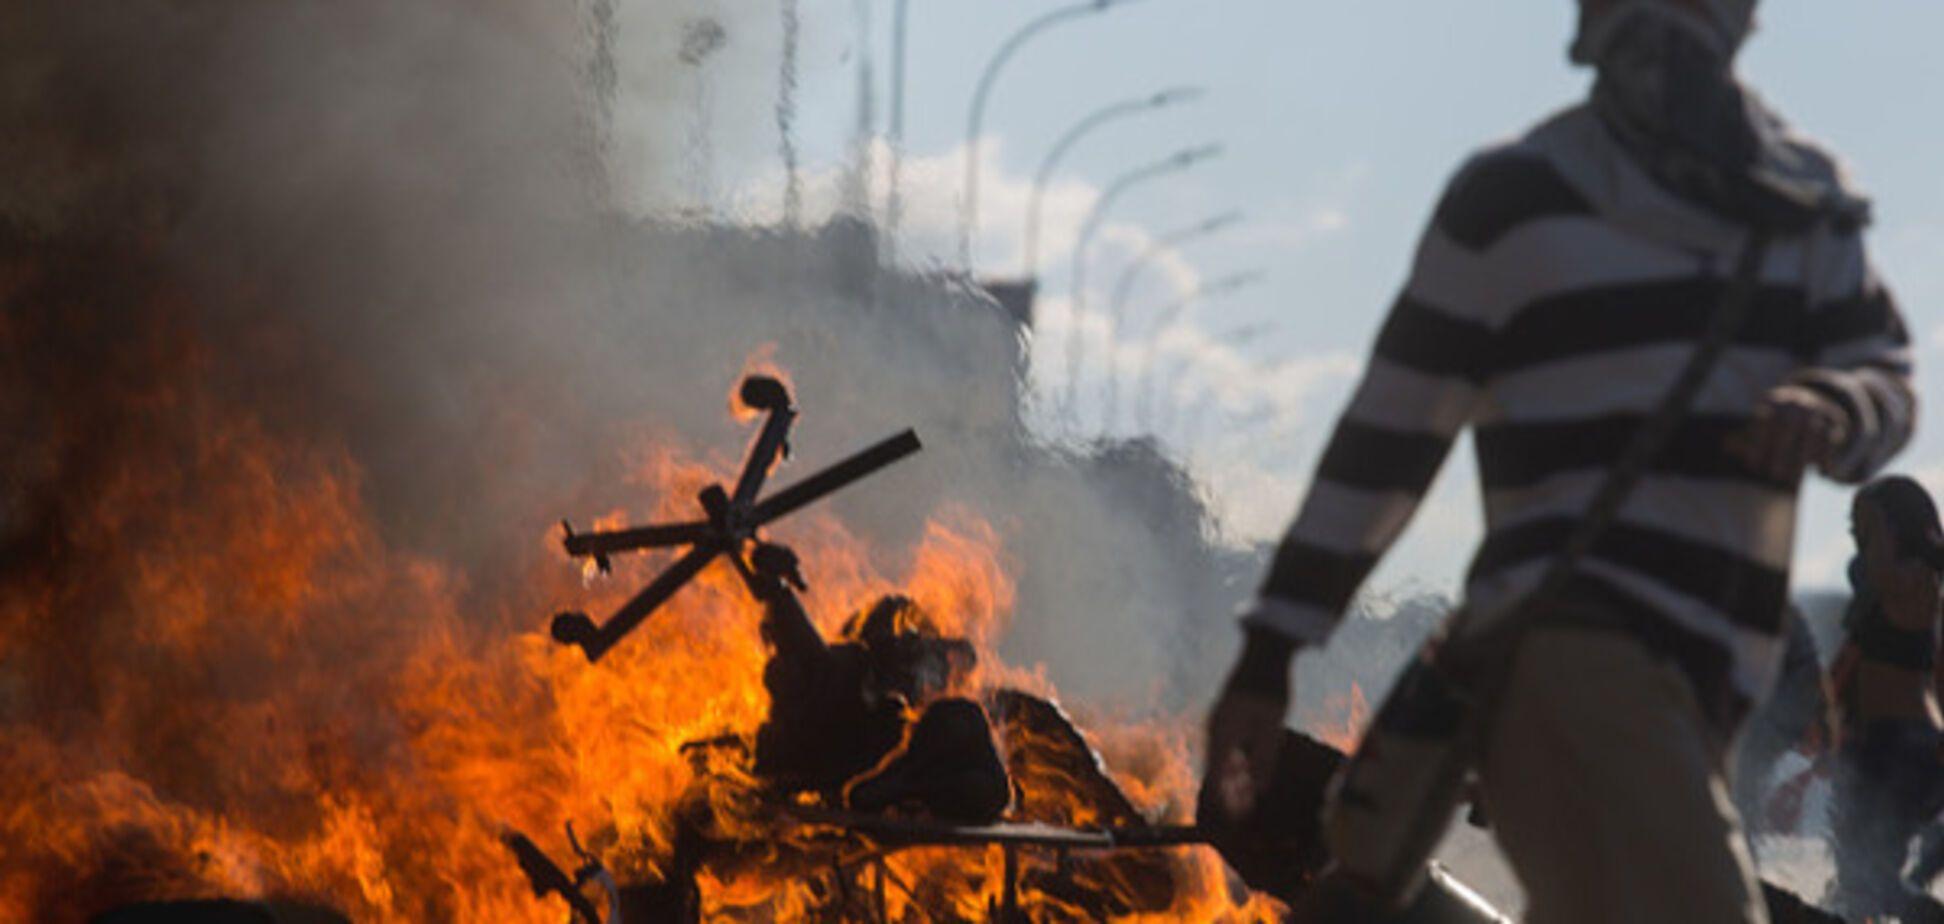 Протести в Бразилії